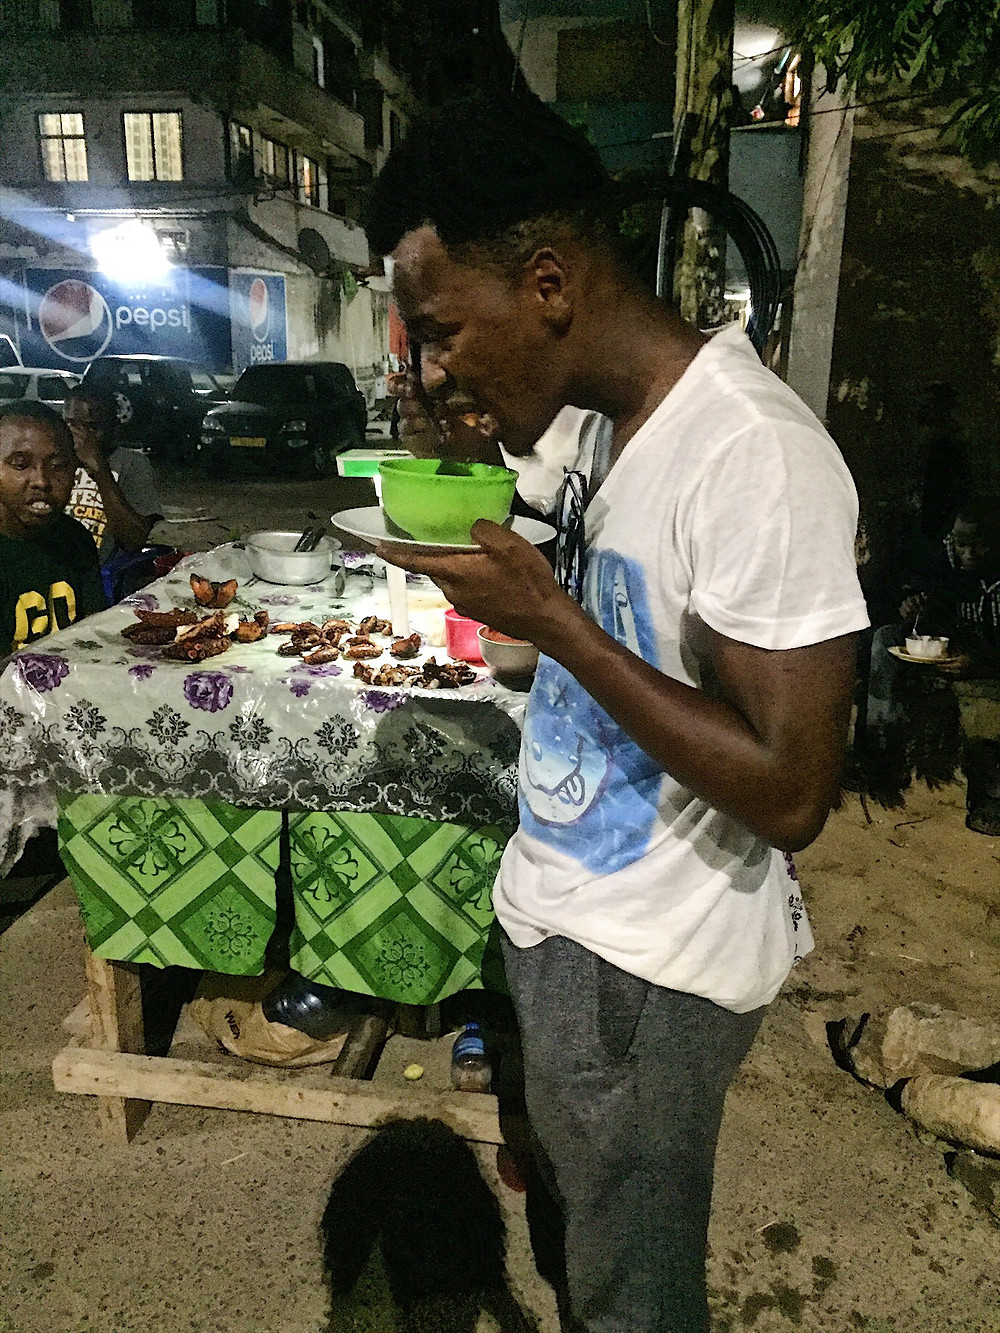 Eating pweza is unglamorous business